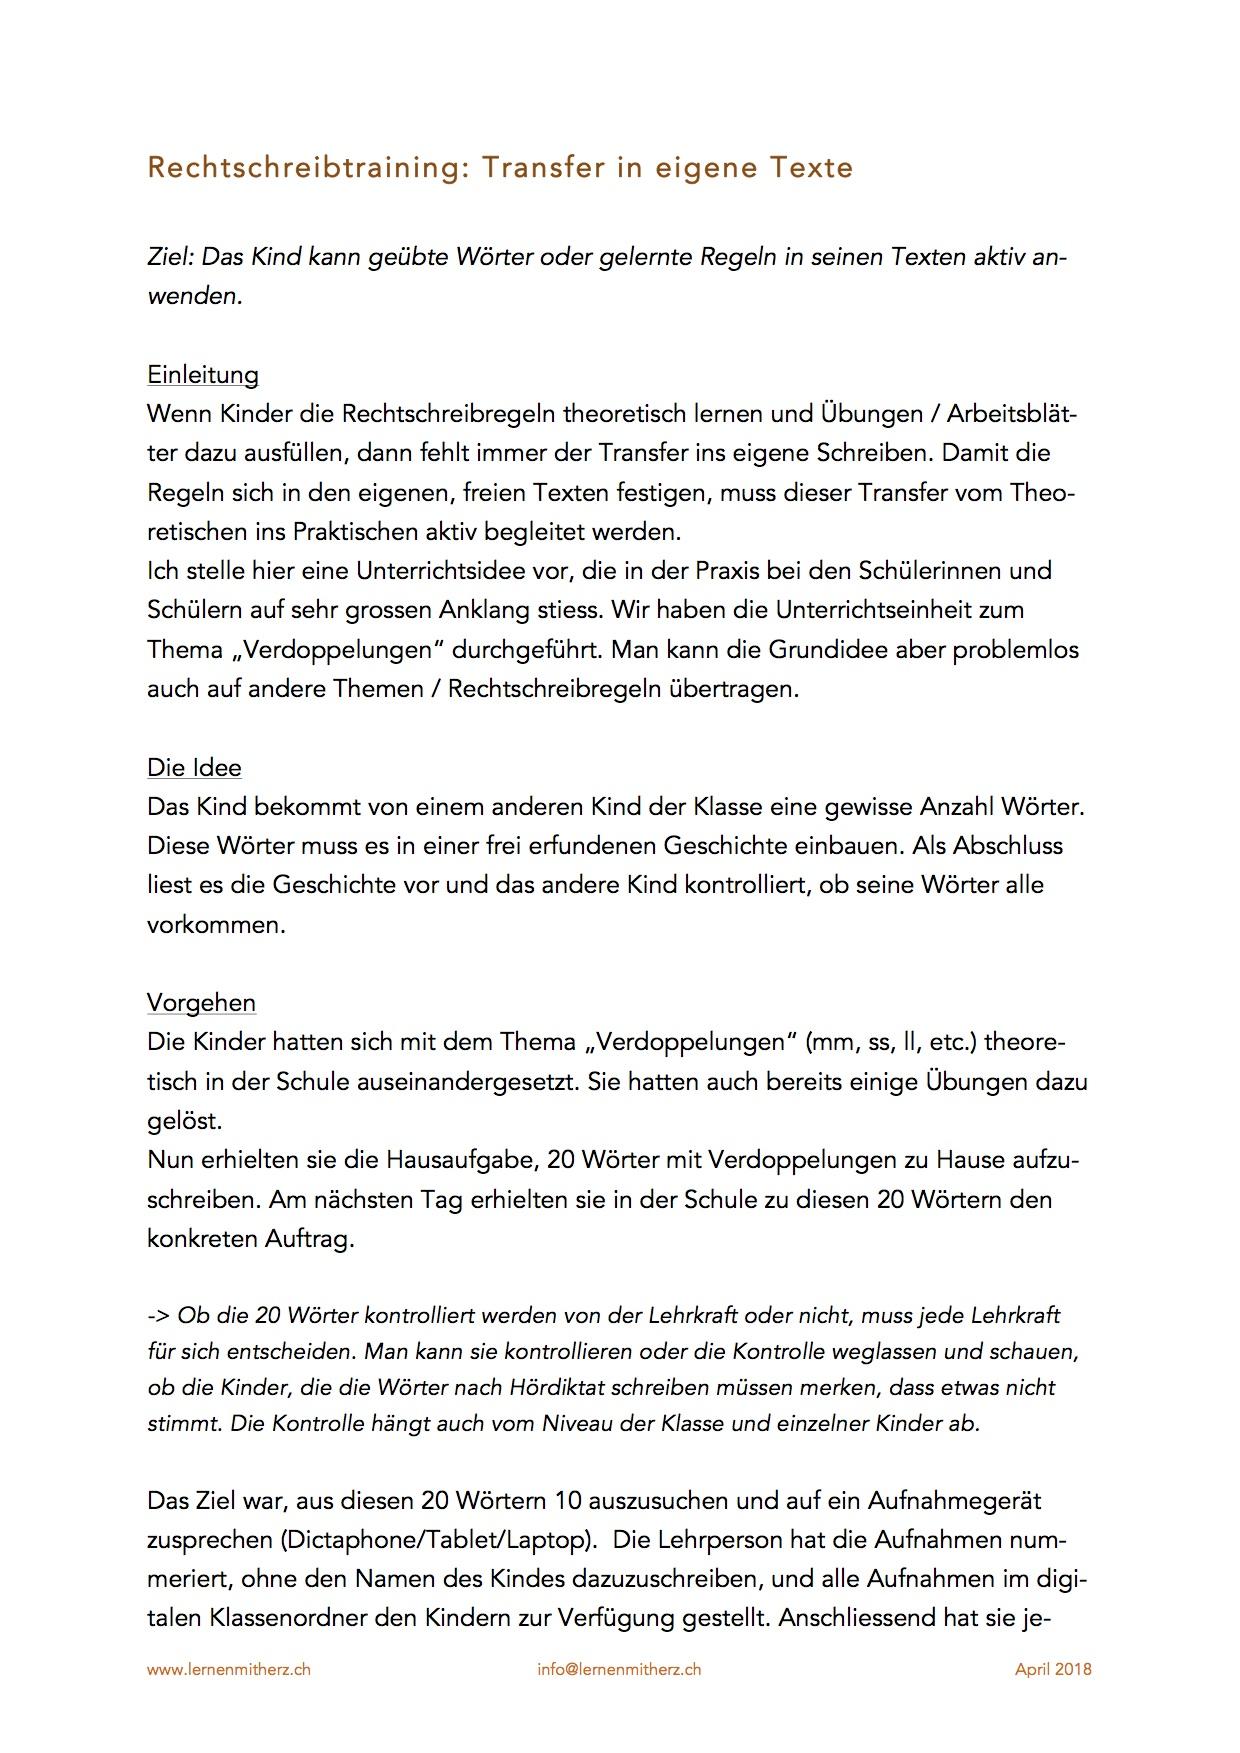 Preview image for LOM object Unterrichtseinheit Rechtschreibung und freies Texte schreiben